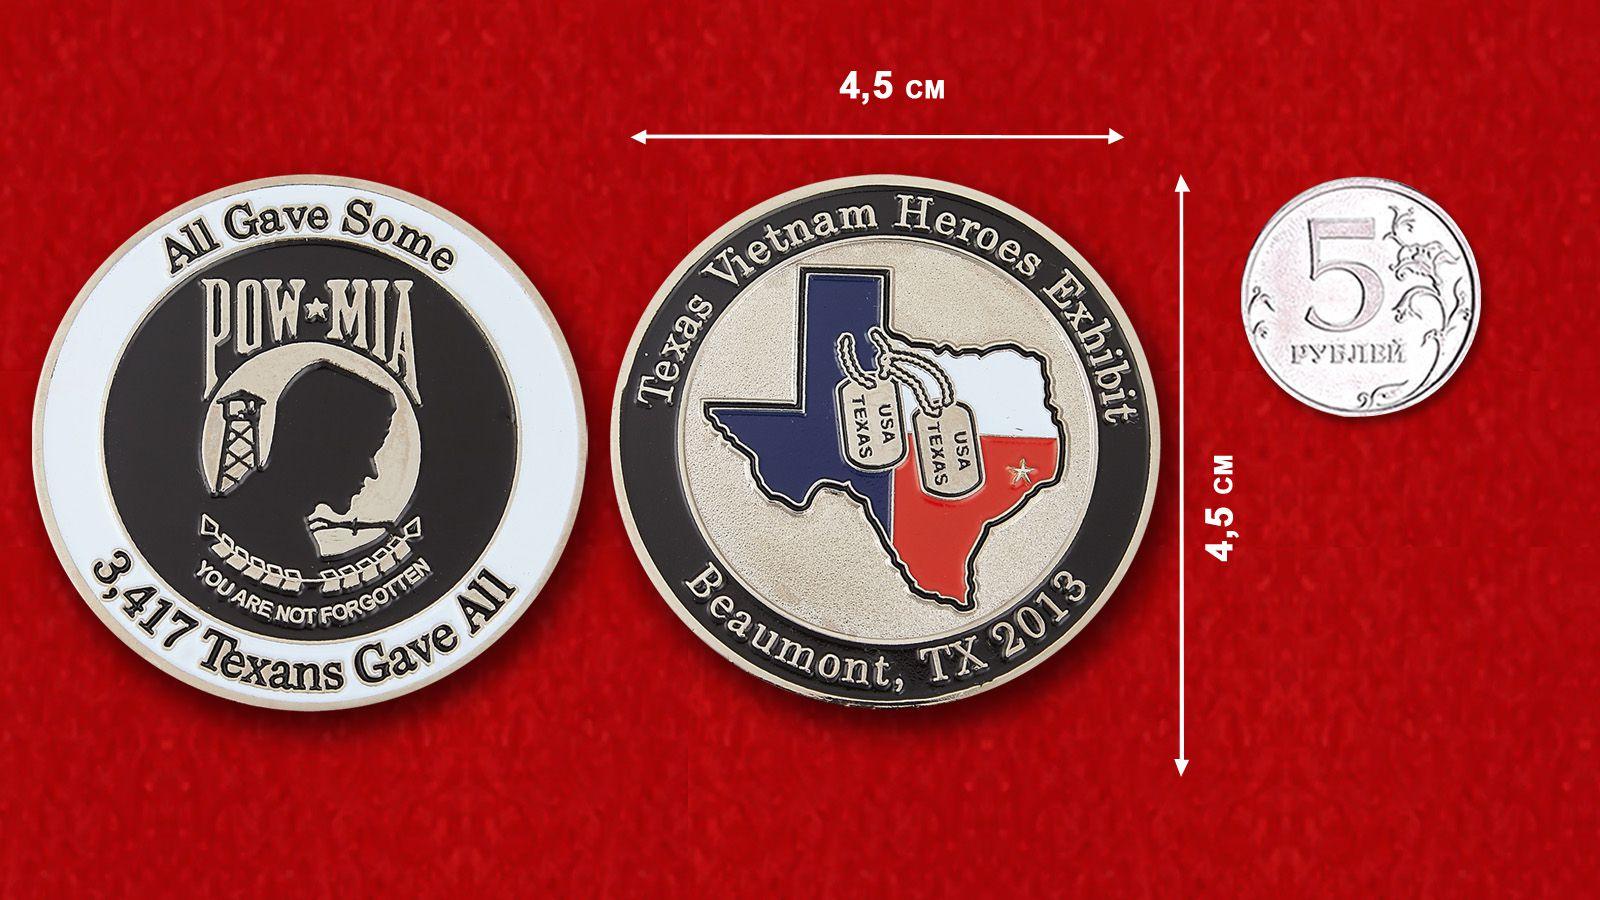 """Челлендж коин """"Выставка героев Вьетнама в Бомонте, Техас"""" - оборотная сторона"""